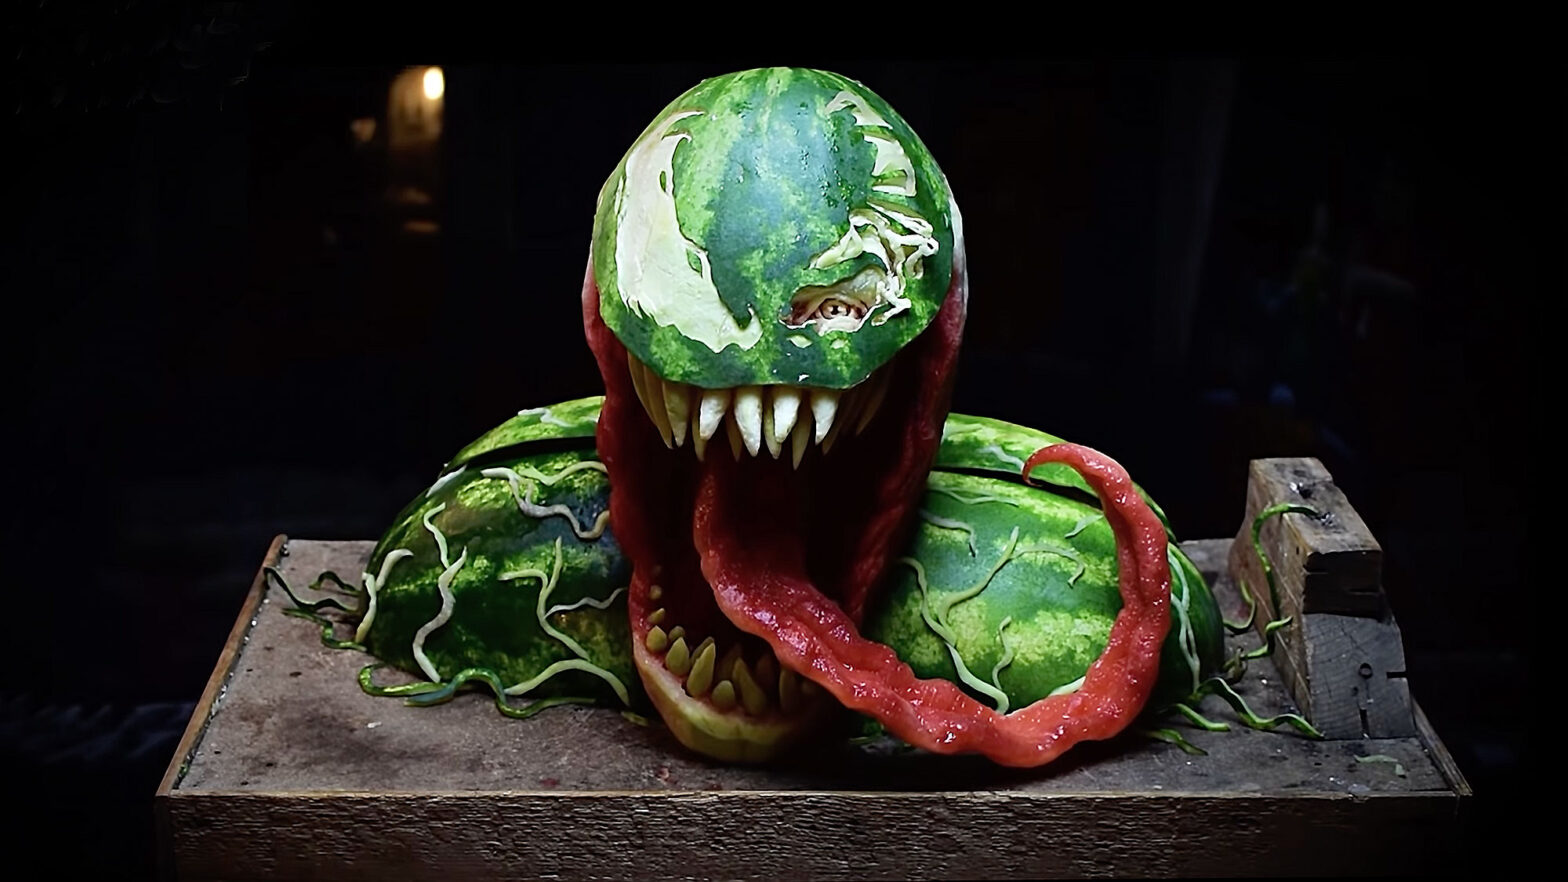 Venom Watermelon Sculpture by Valeriano Fatica